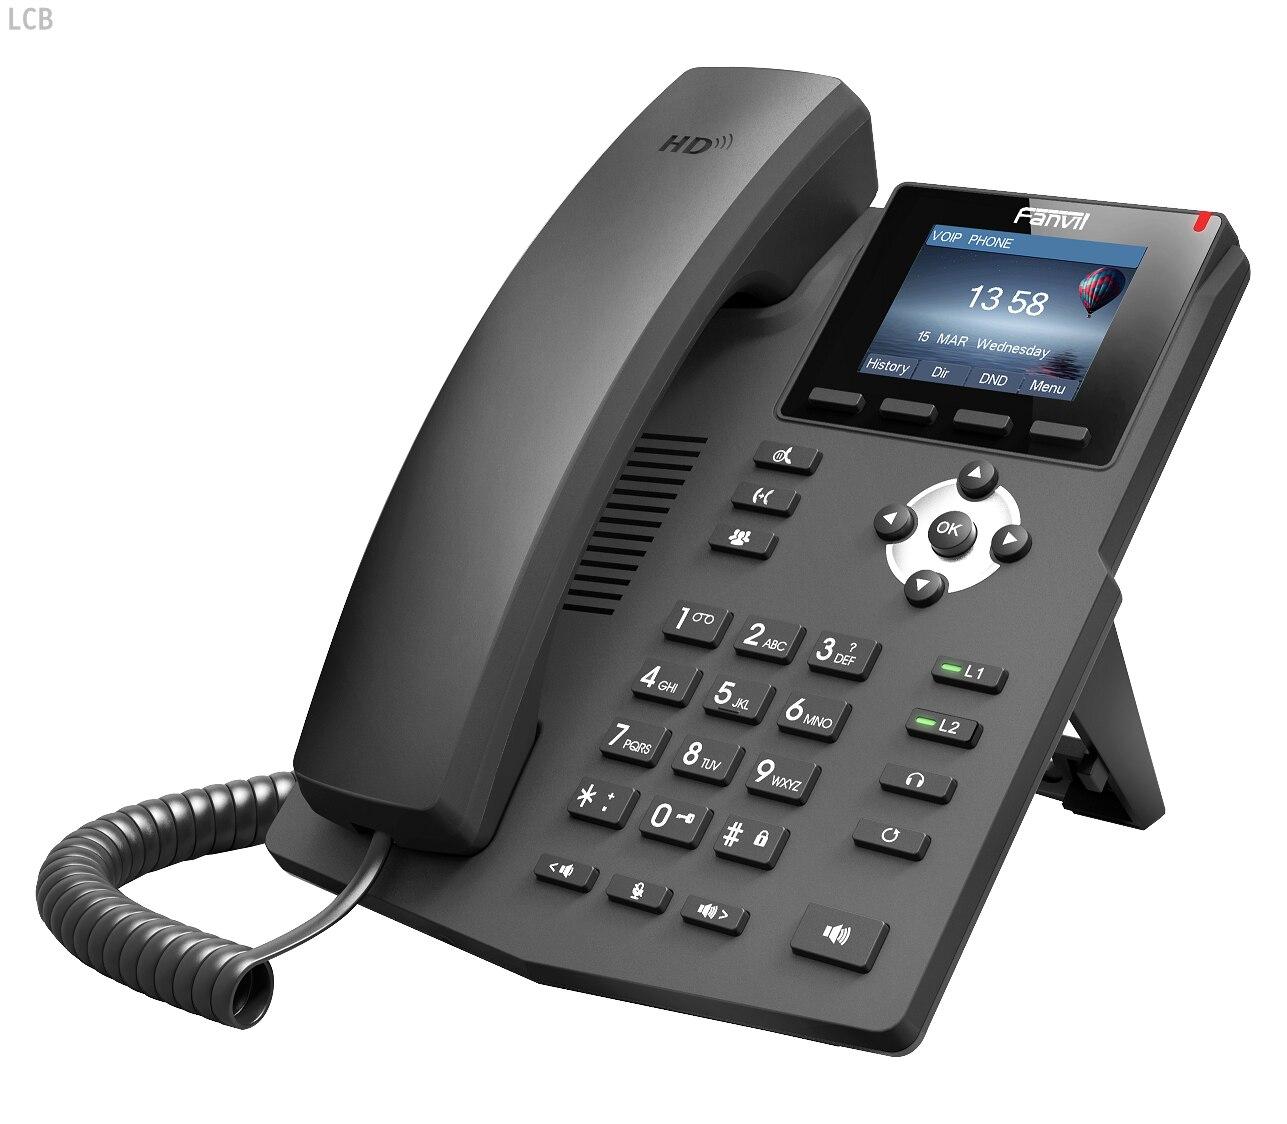 Téléphone IP Fanvil X3S téléphone SOHOIP industrie du téléphone 2 lignes SIP HD voix POE compatible casque de bureau intelligent